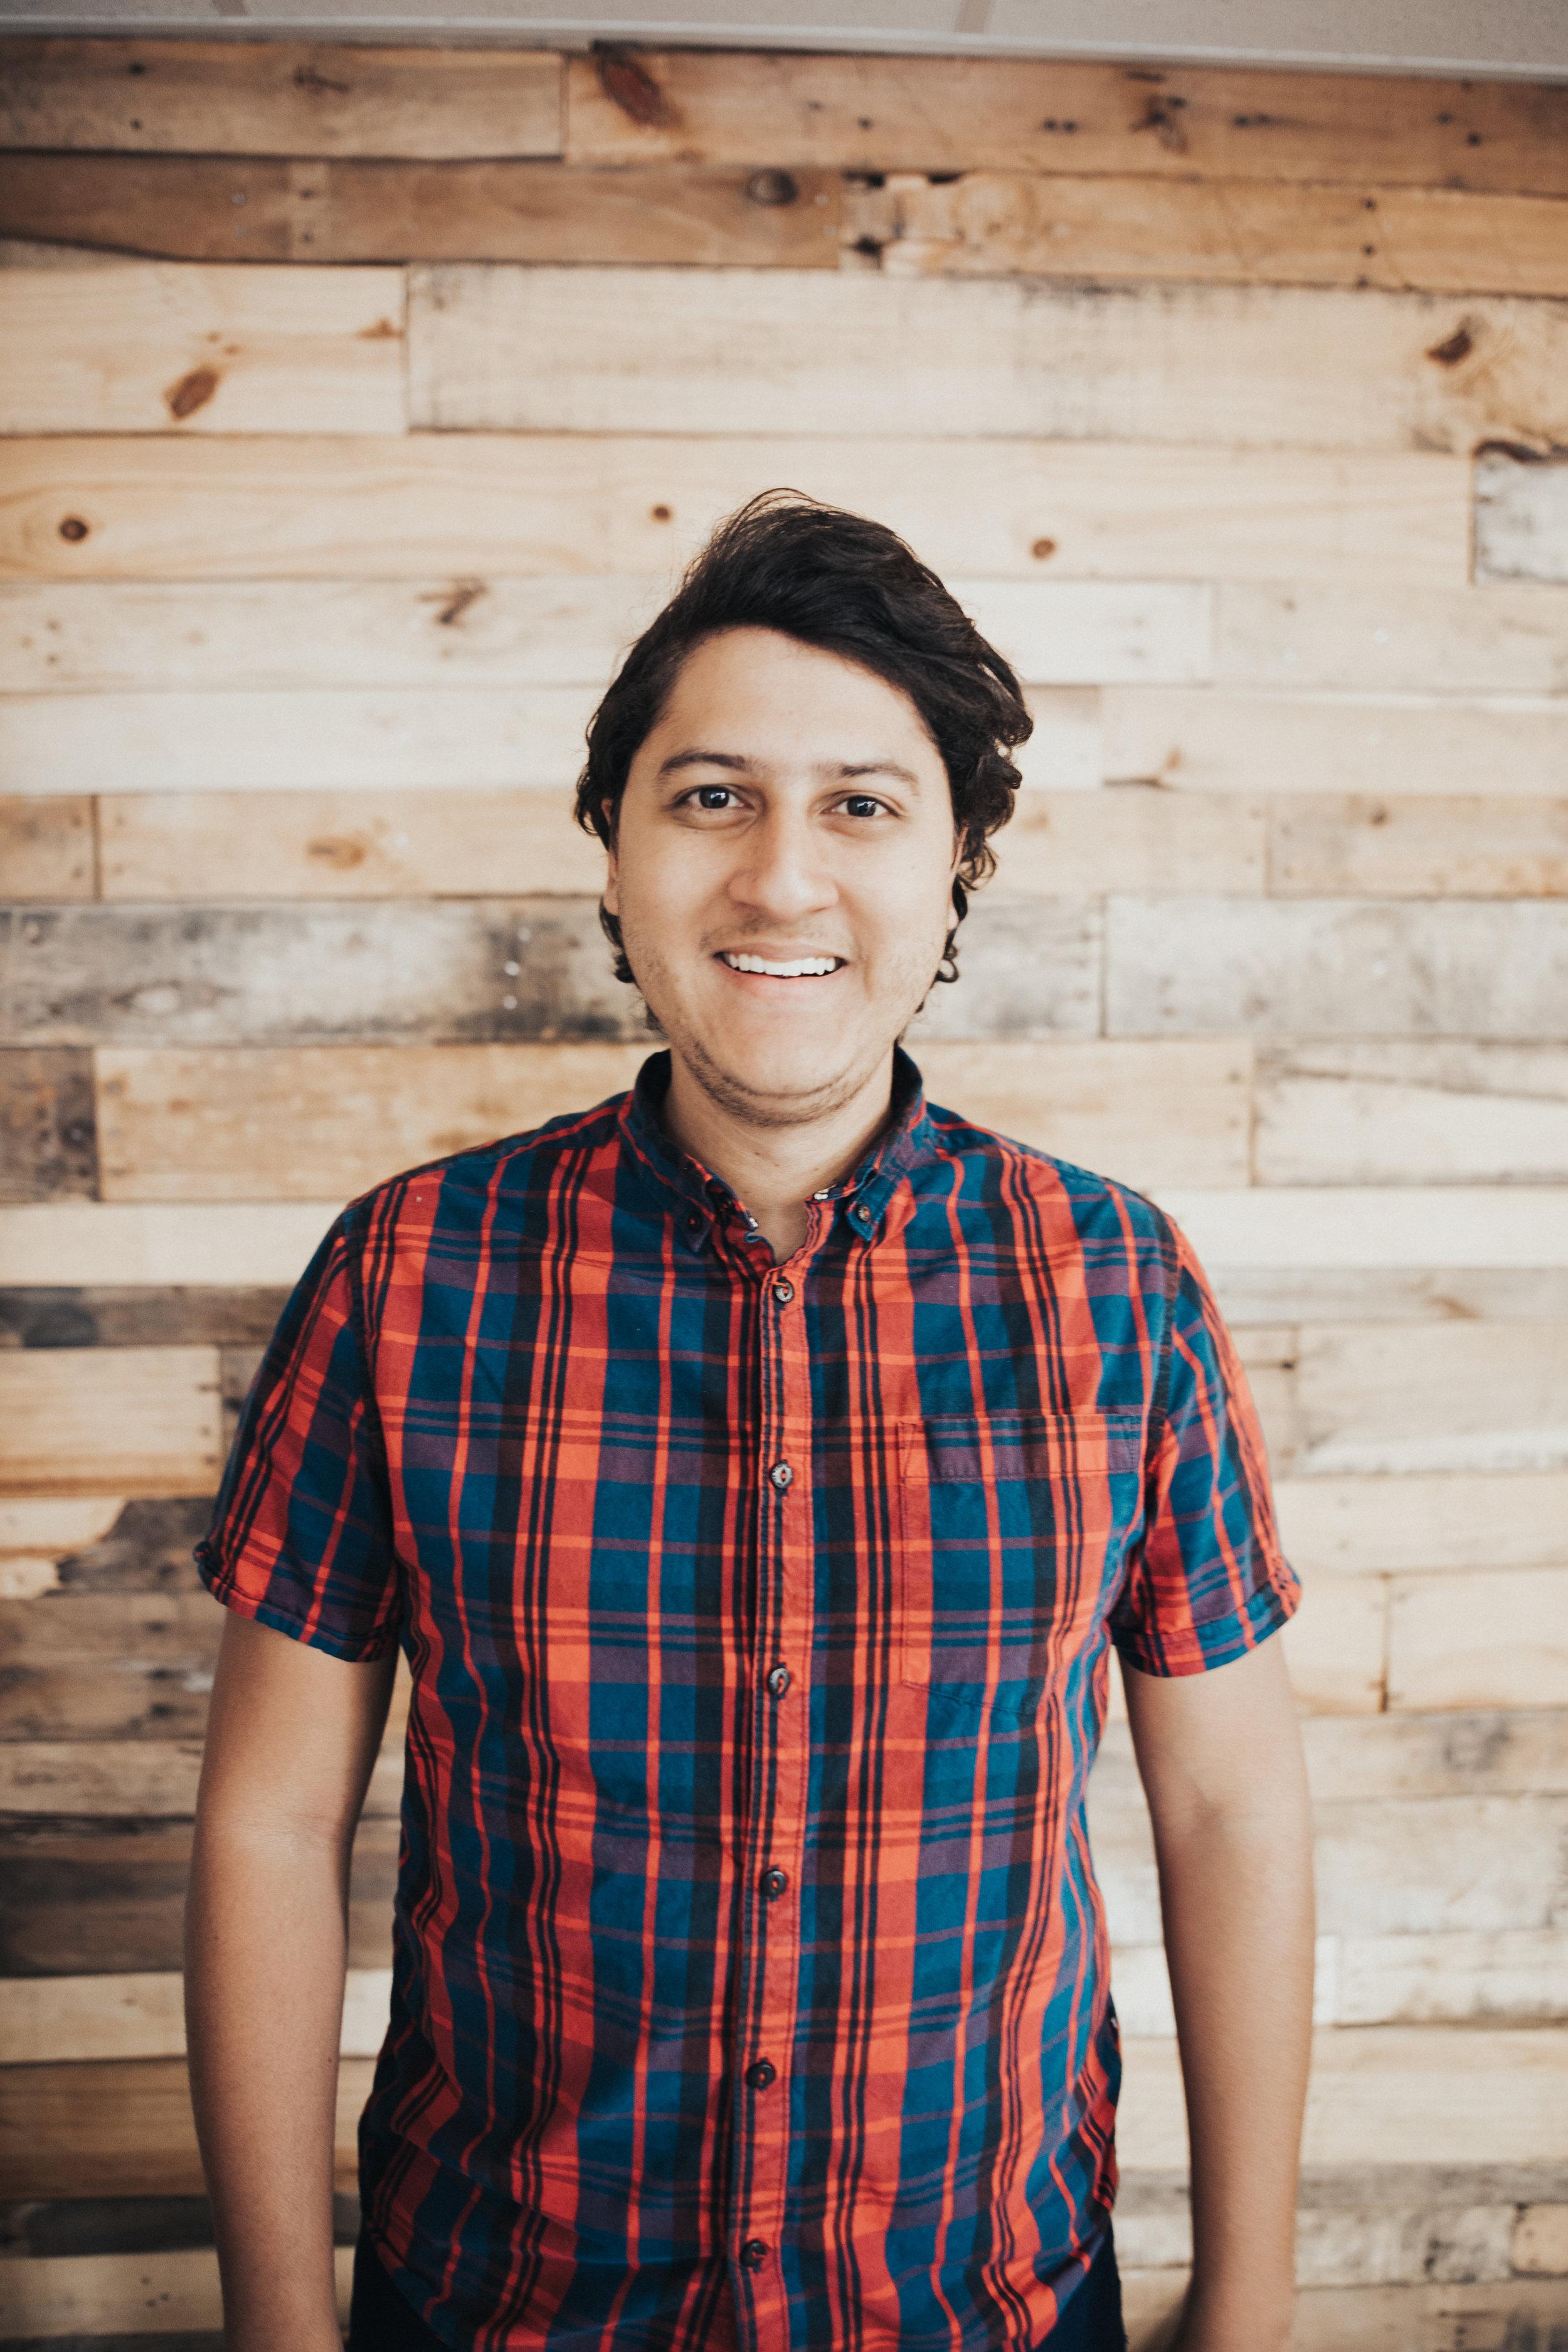 Adolfo - E-commerce Specialist